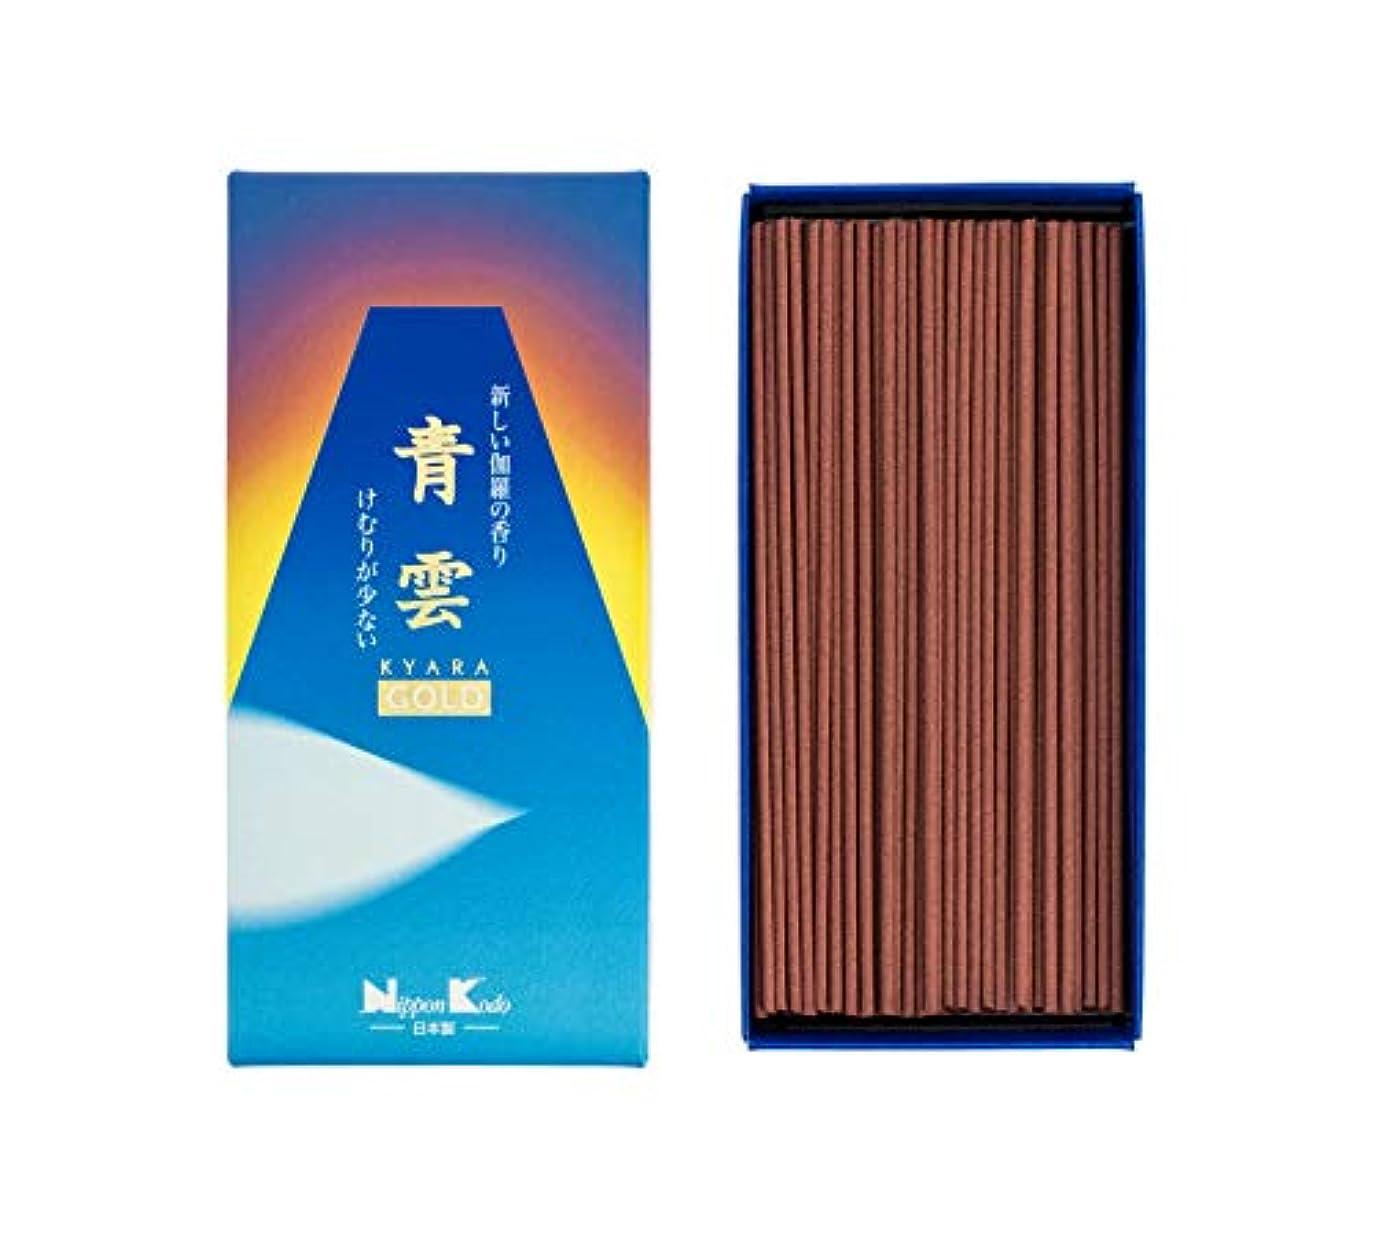 ストレッチジュニアマディソン青雲 ゴールド バラ詰 #21101